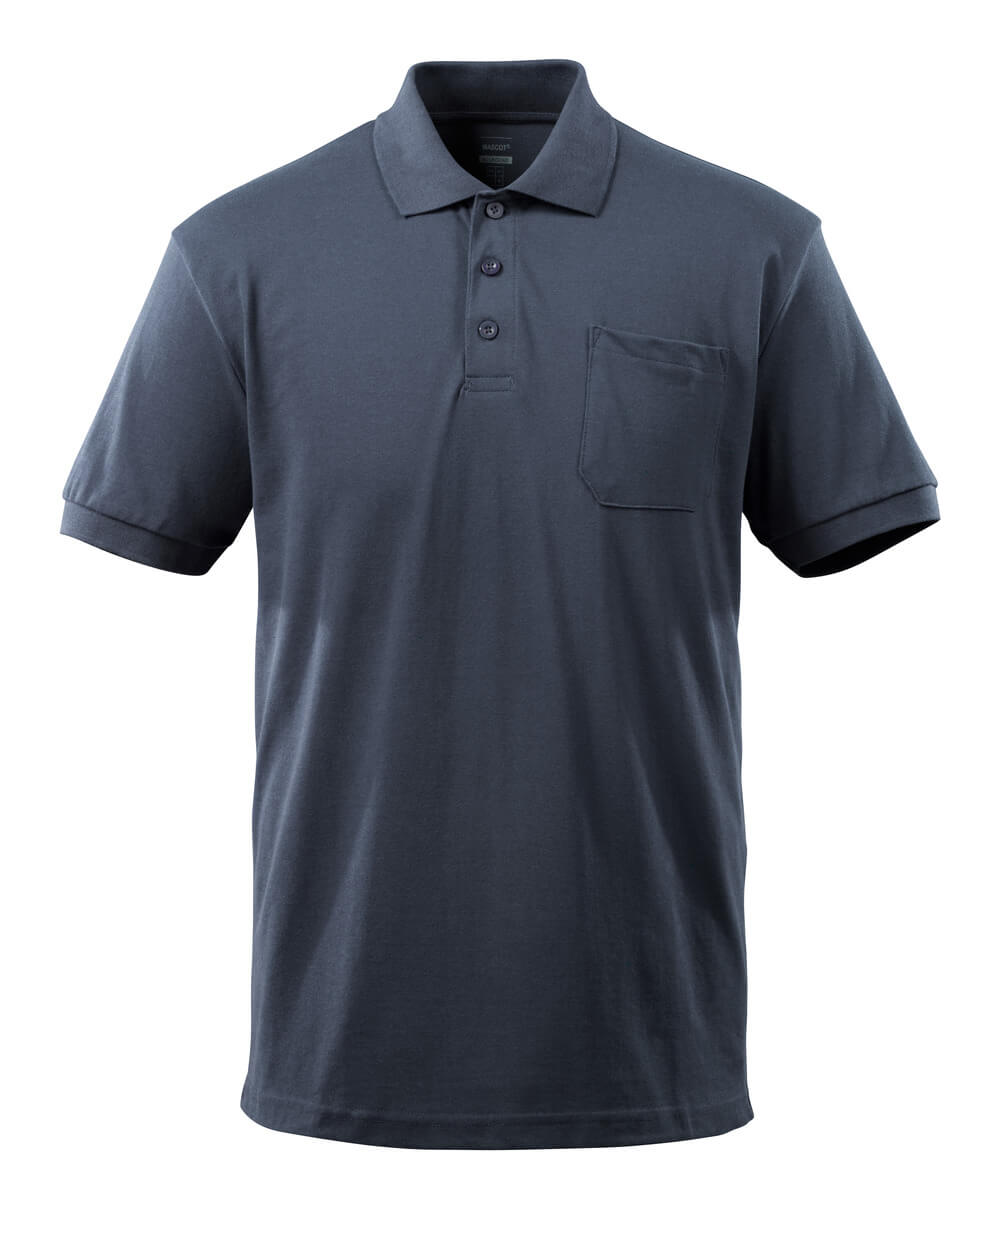 51586-968-010 Polo con tasca sul petto - blu navy scuro